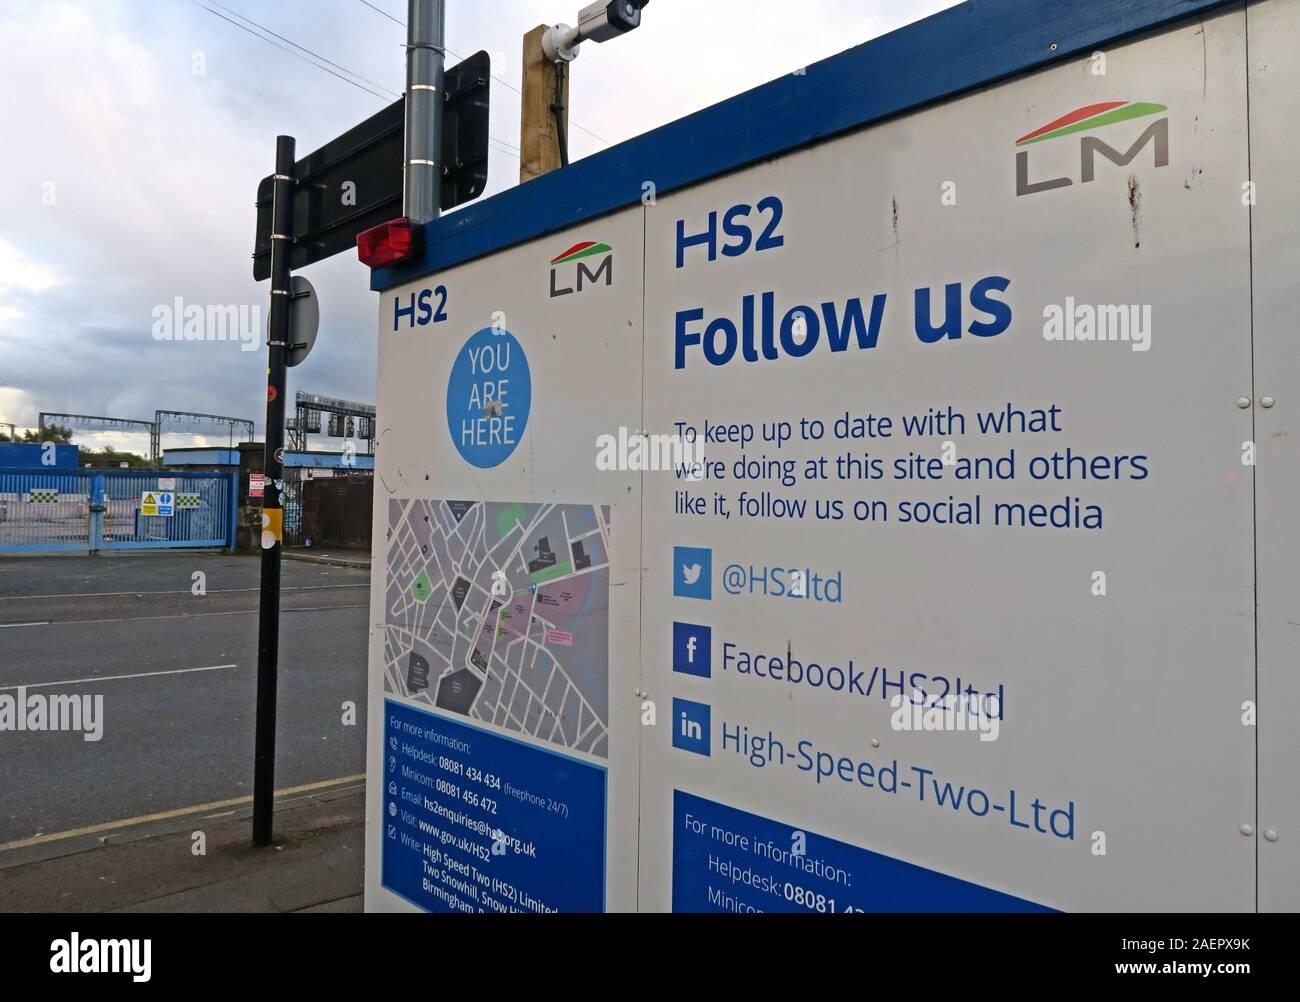 Dieses Stockfoto: Historisches Gebäude am Eingang des Bahnhofs Old Curzon Street, HS2-Entwicklung, Birmingham, Curzon Street, Birmingham, West Midlands, England, Großbritannien, B5 5LG - 2AEPX9